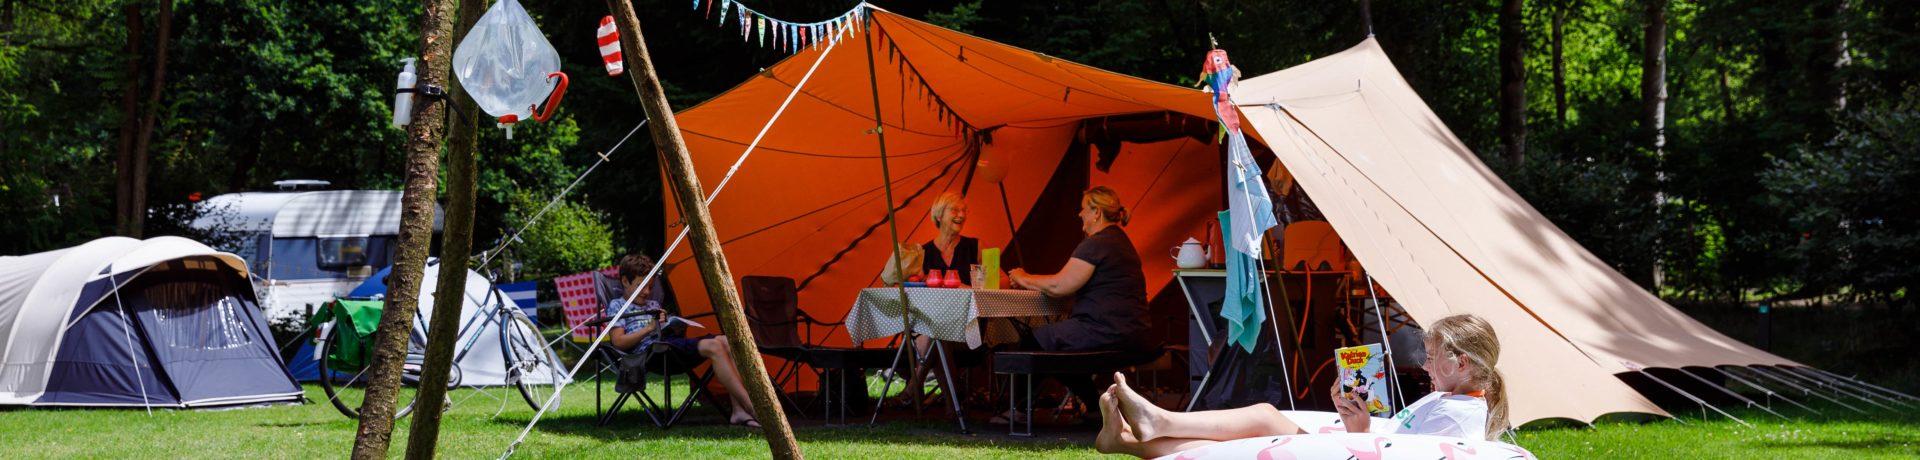 Gunstig gelegen groene en kindvriendelijke camping met verwarmd zwembad in bosrijke omgeving op de Utrechtse Heuvelrug. Op het park was voor onze kinderen veel te doen.